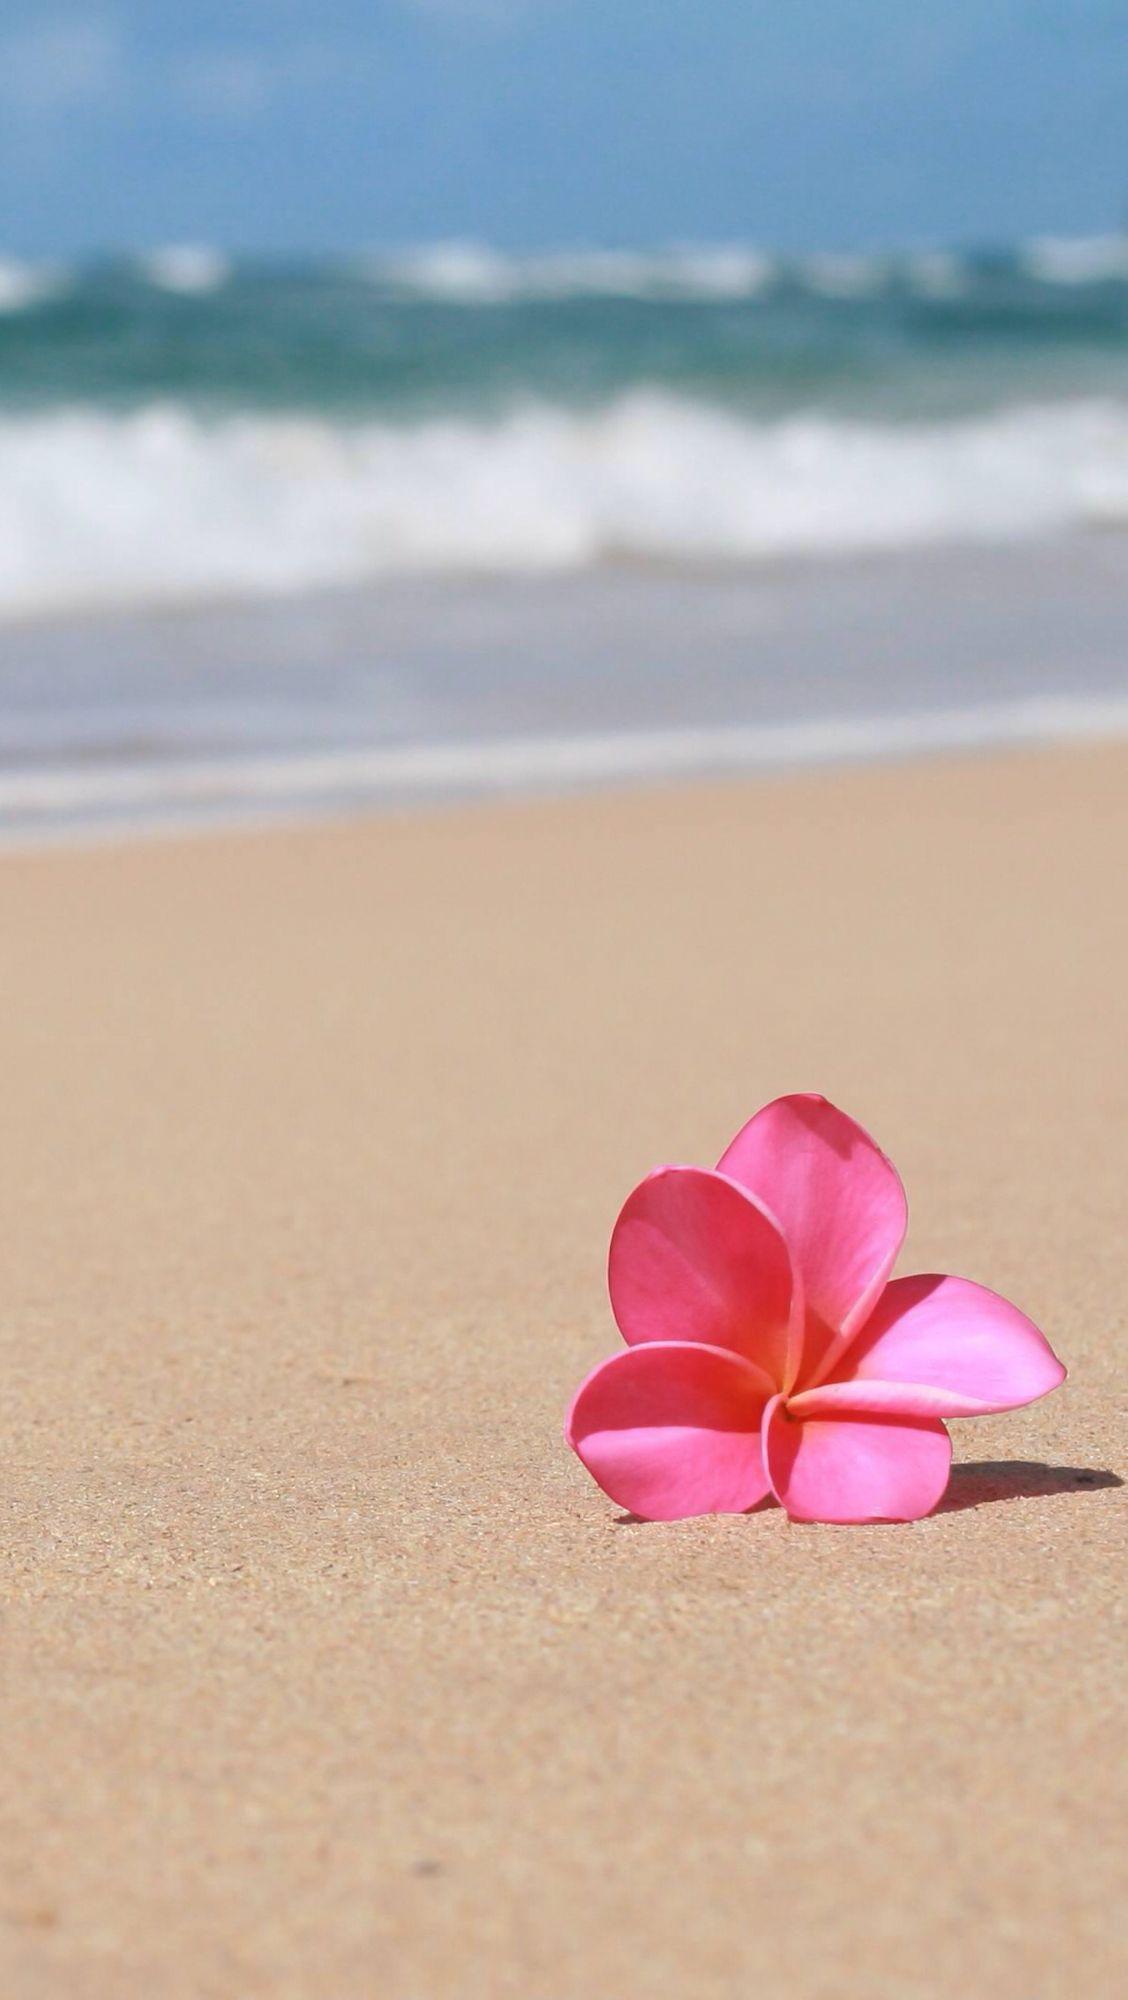 Hawaii Beach Wallpaper Flower Wallpaper Flower Background Wallpaper